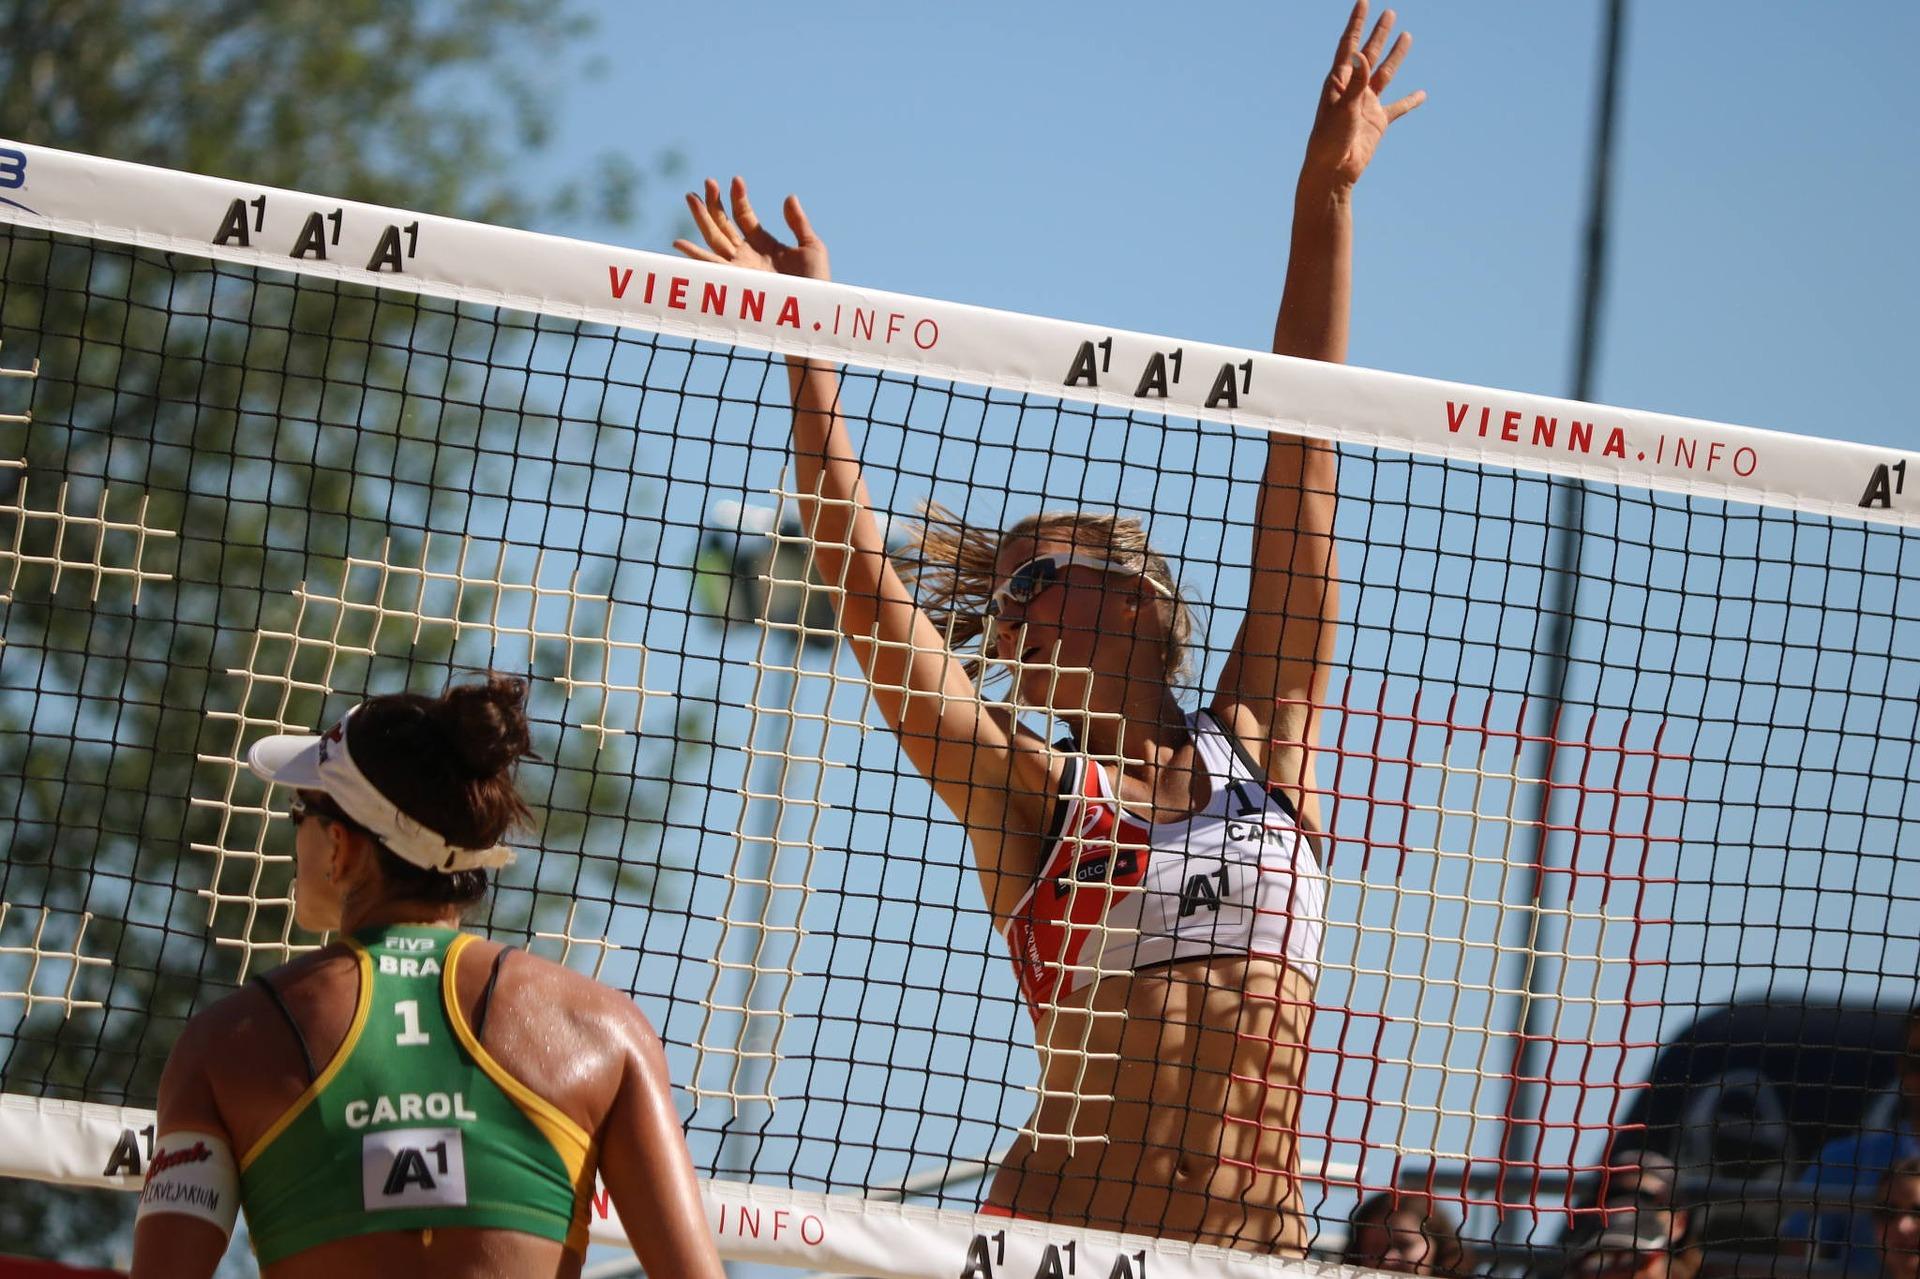 jogadora de vôlei tentando rebater a bola por cima da rede